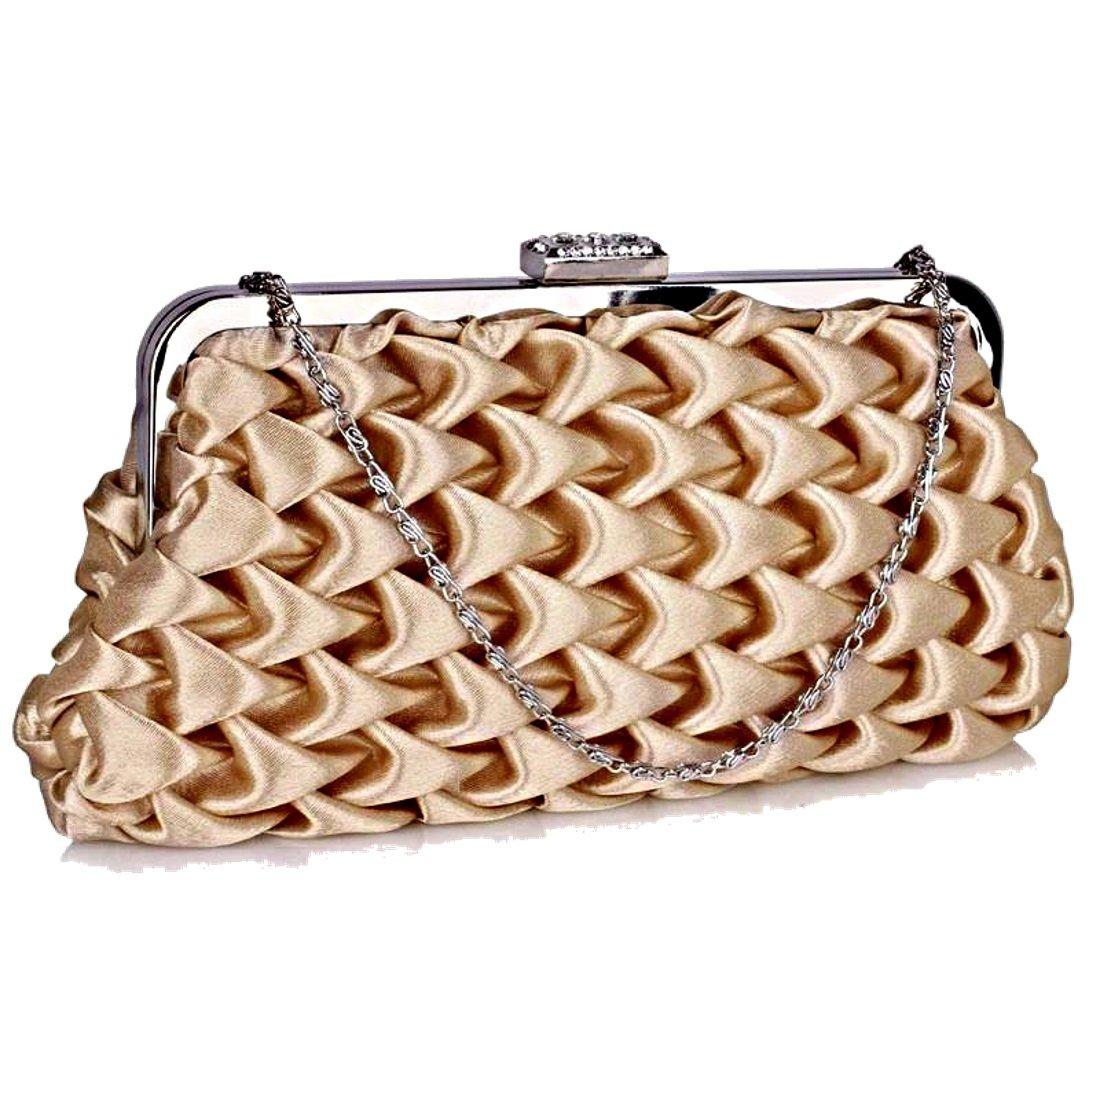 7d0e0677de8 Stunning Nude / Cream Wave Folds Style Evening Clutch Bag | ON SALE ...